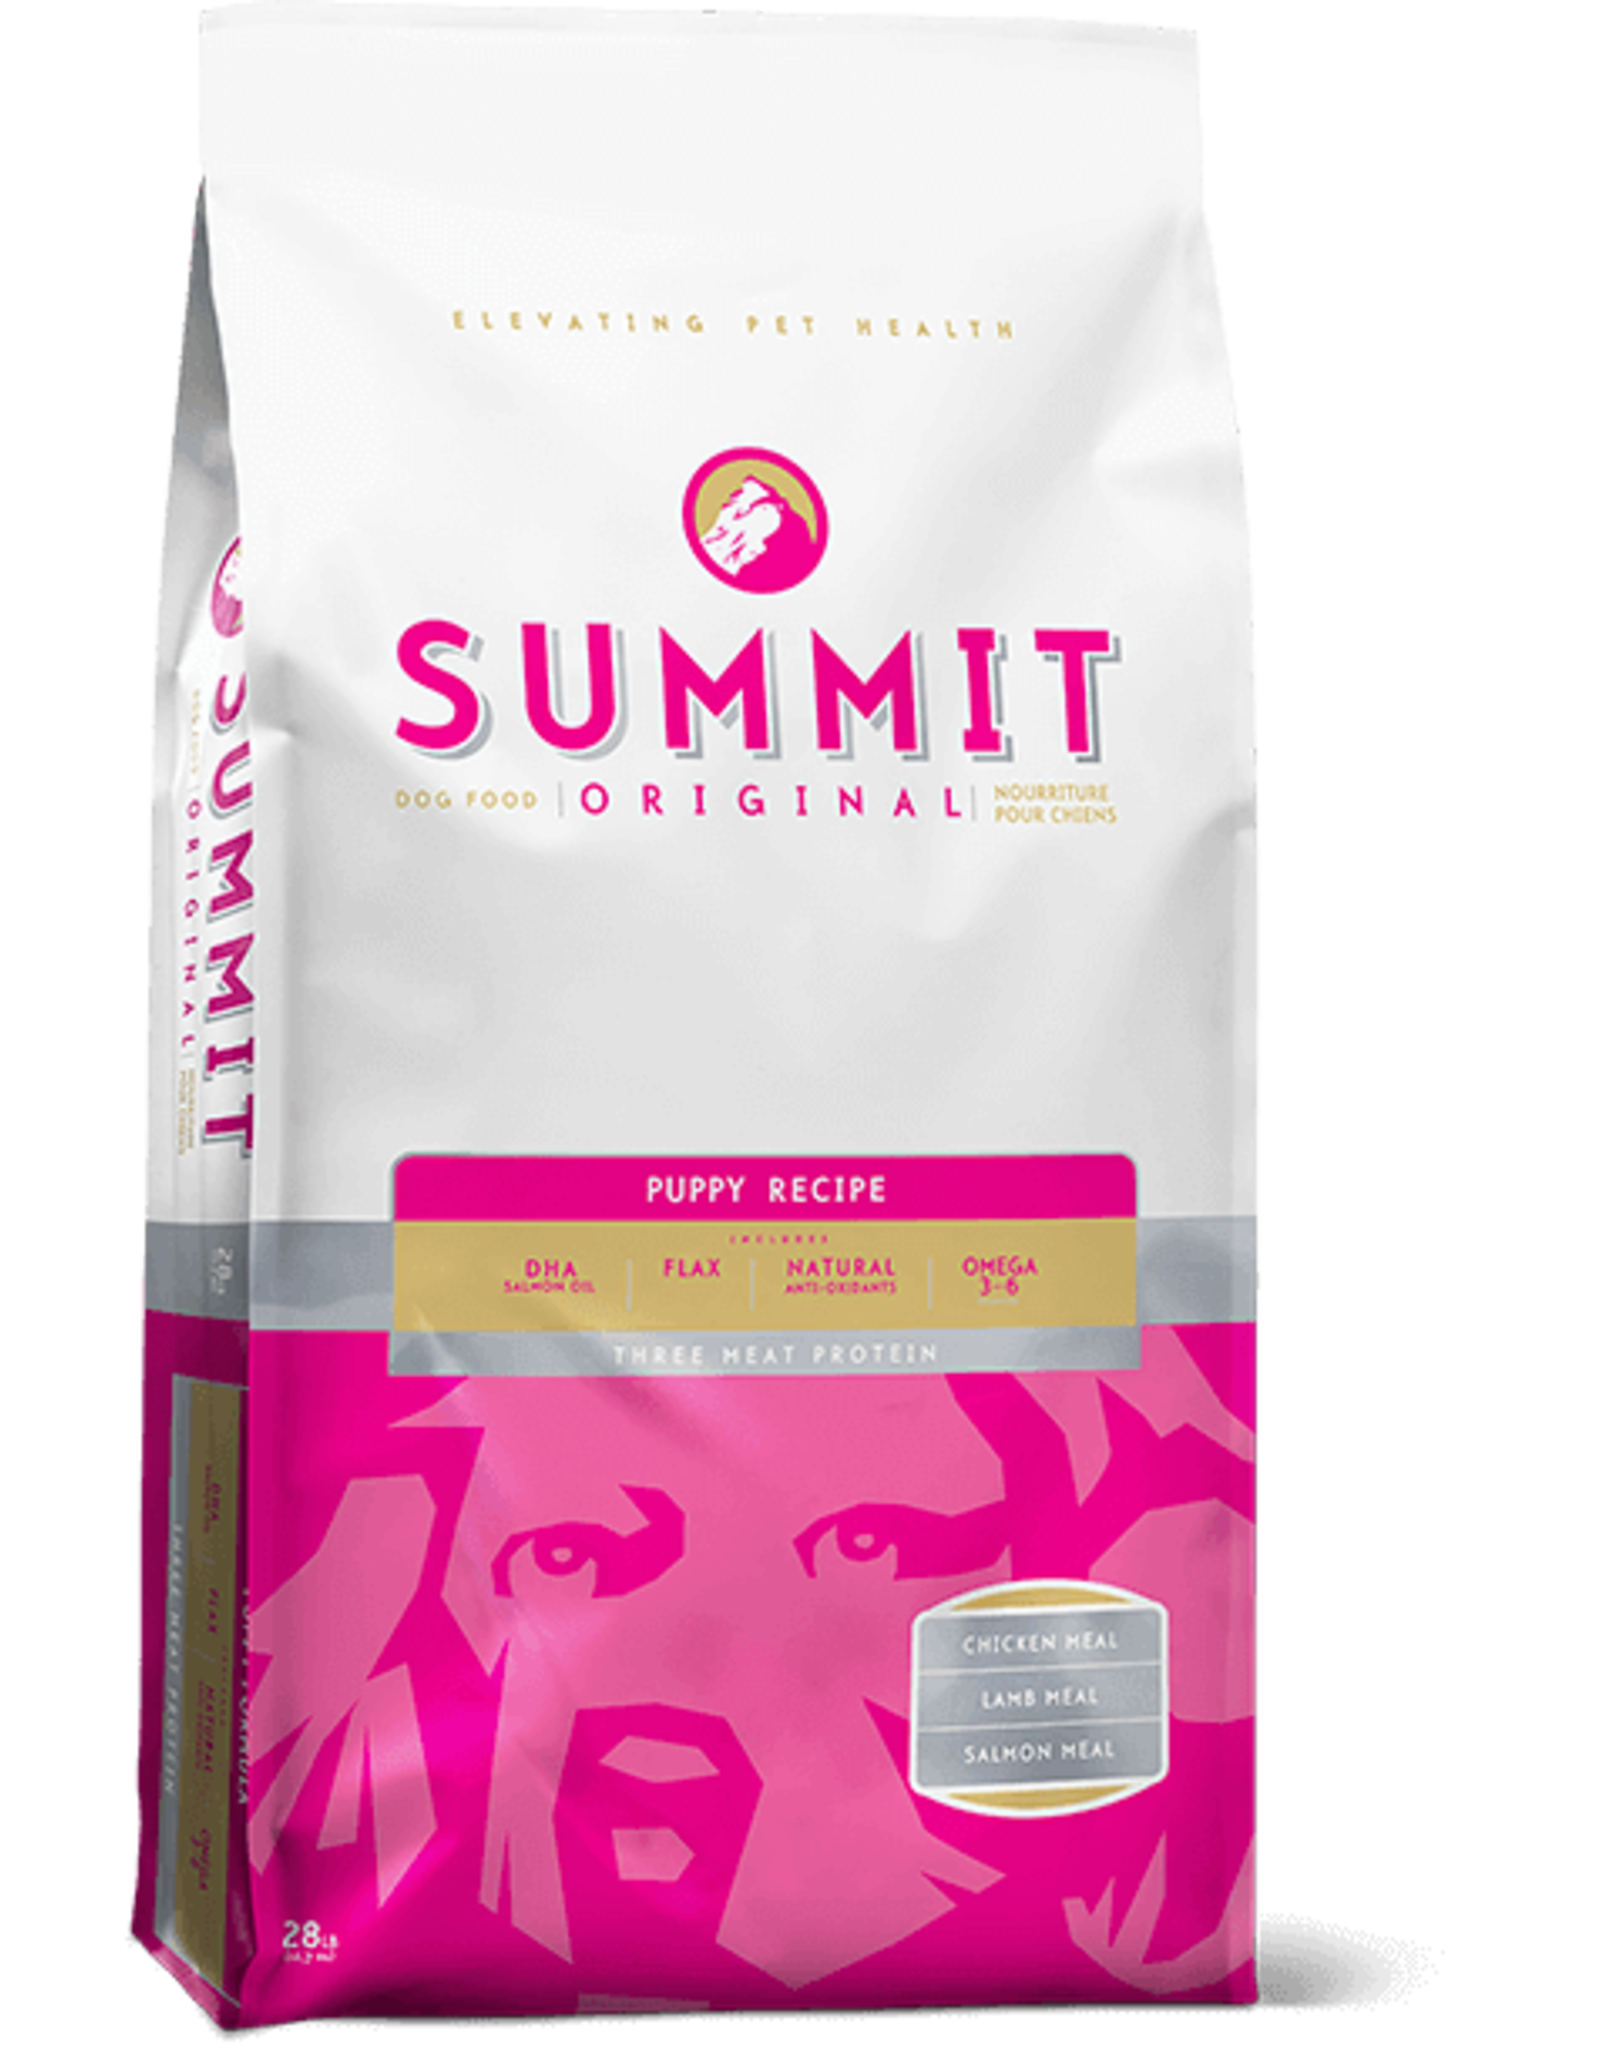 Summit Summit - Original 3 Meat Puppy